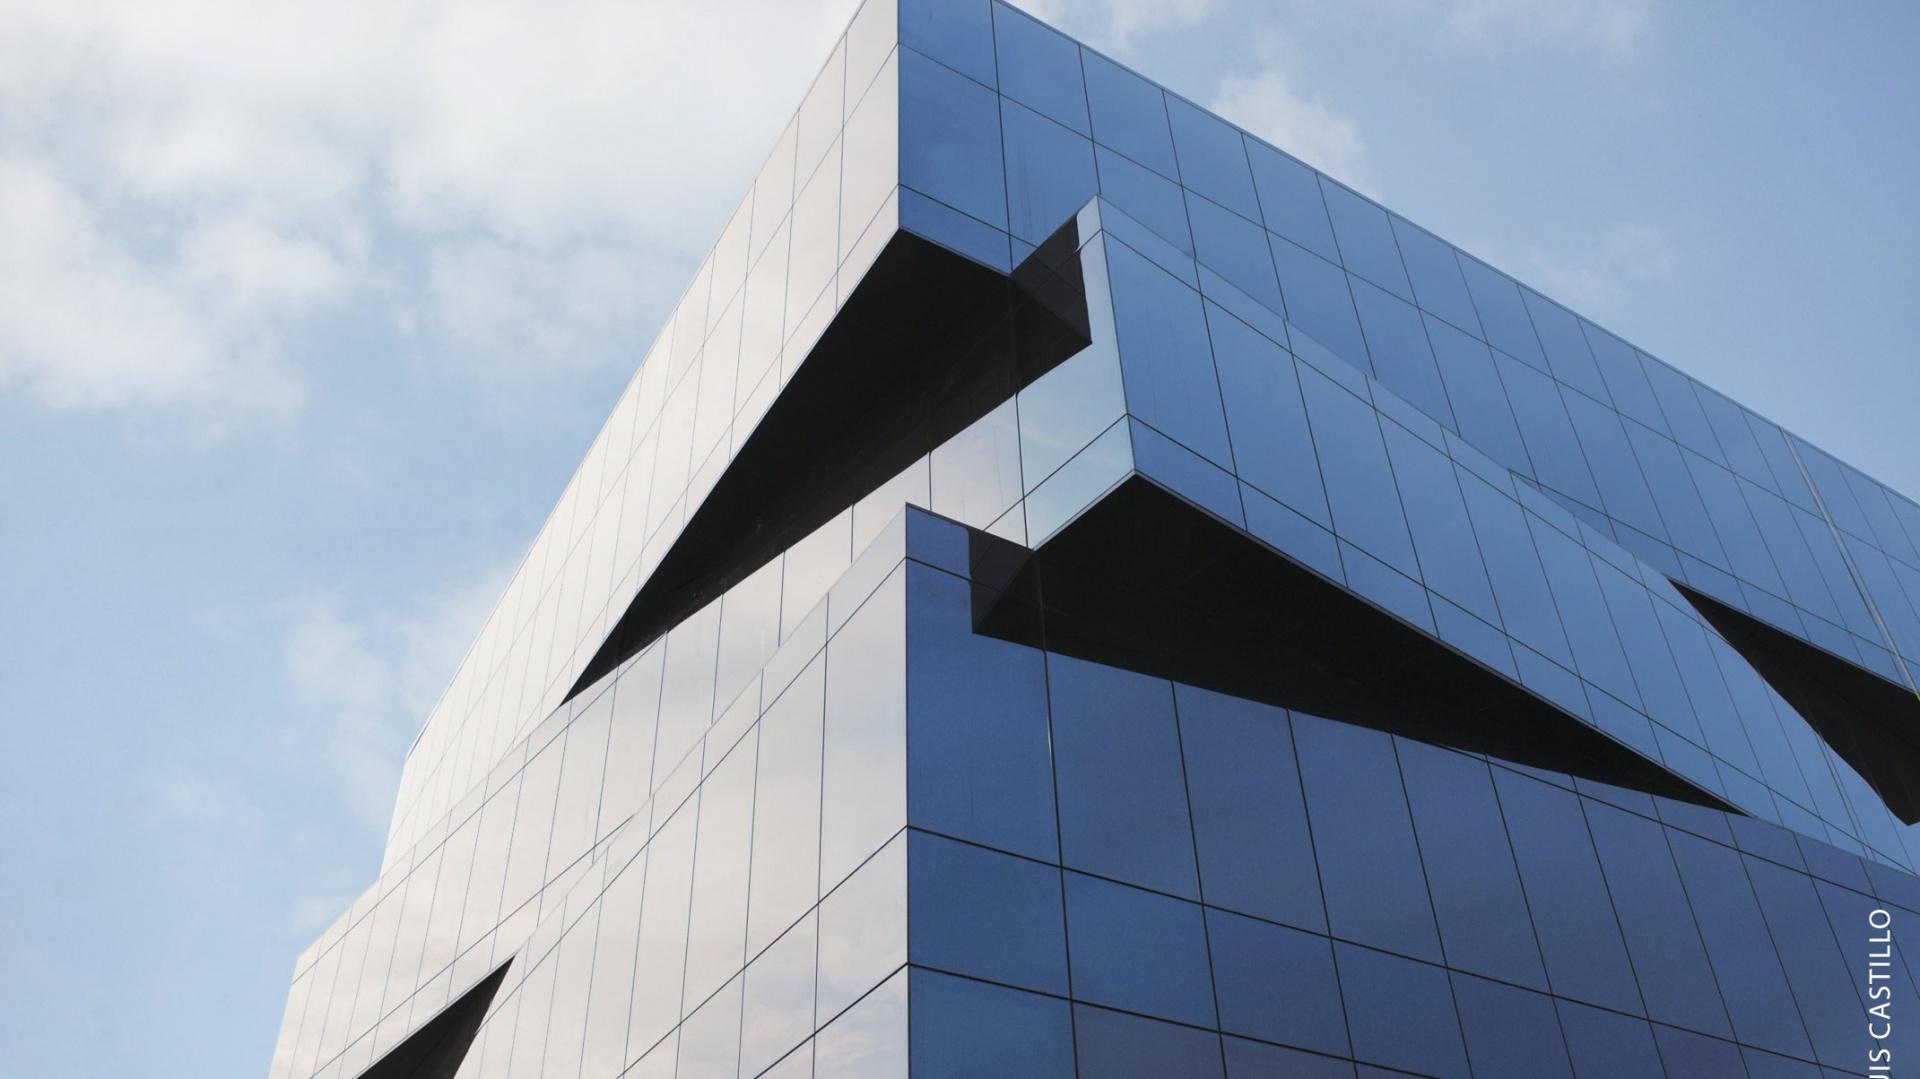 Szkło przyciemniające do fasad, Sunguard solar grey 20. Fot. Archiwum